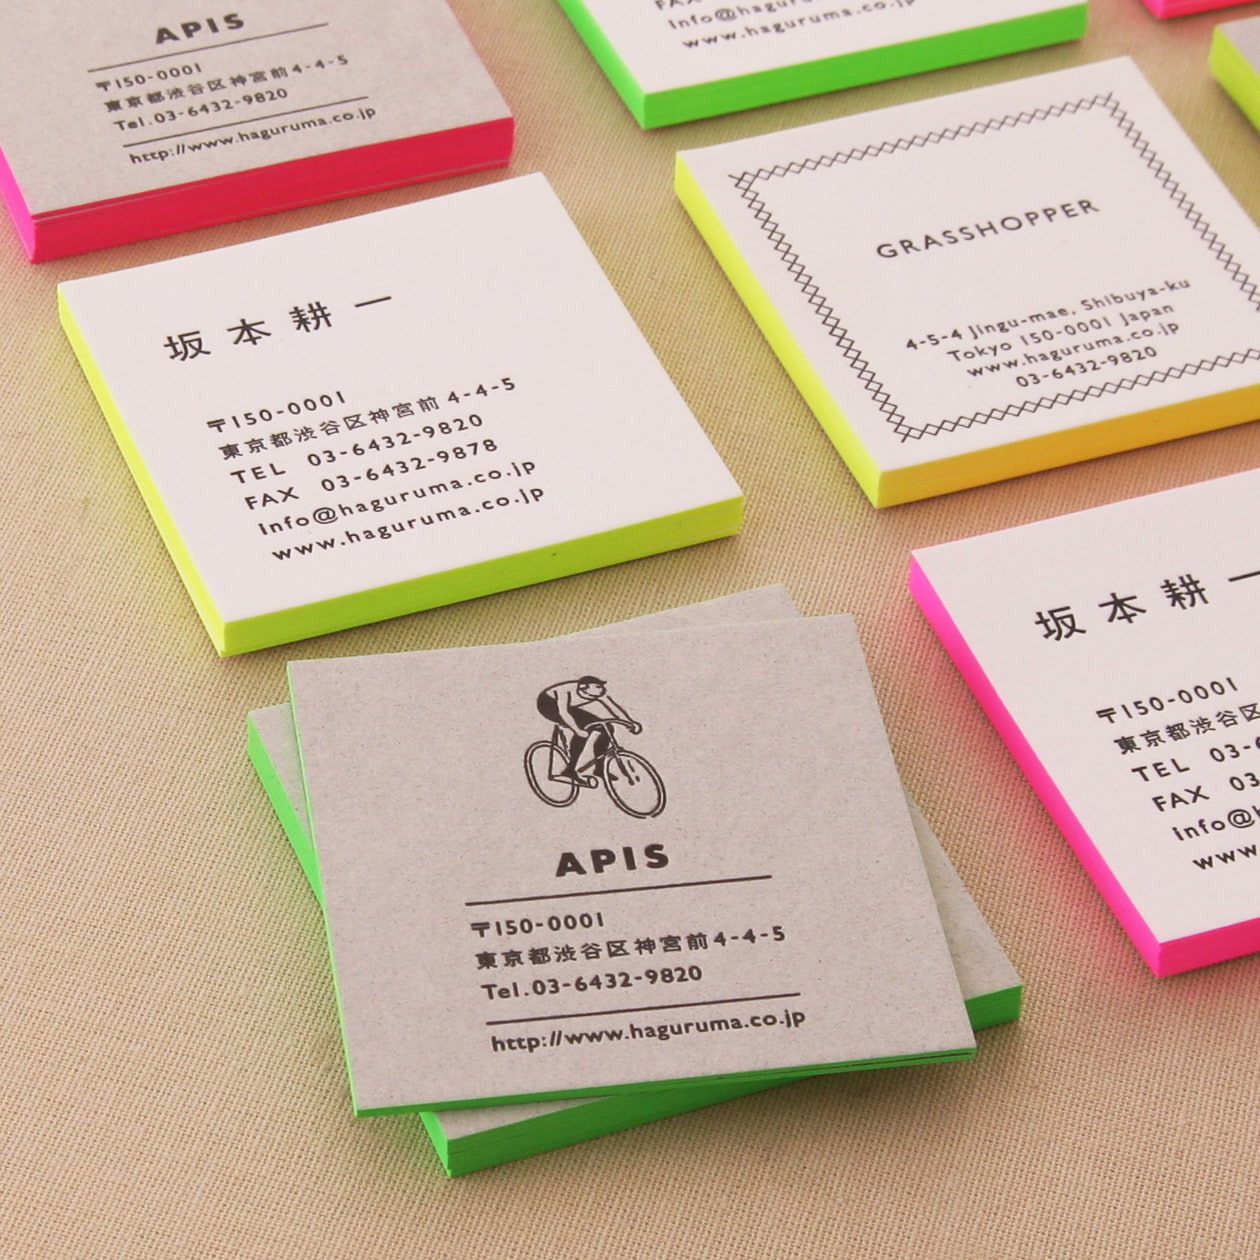 簡単注文商品 エッジカラー名刺 100枚